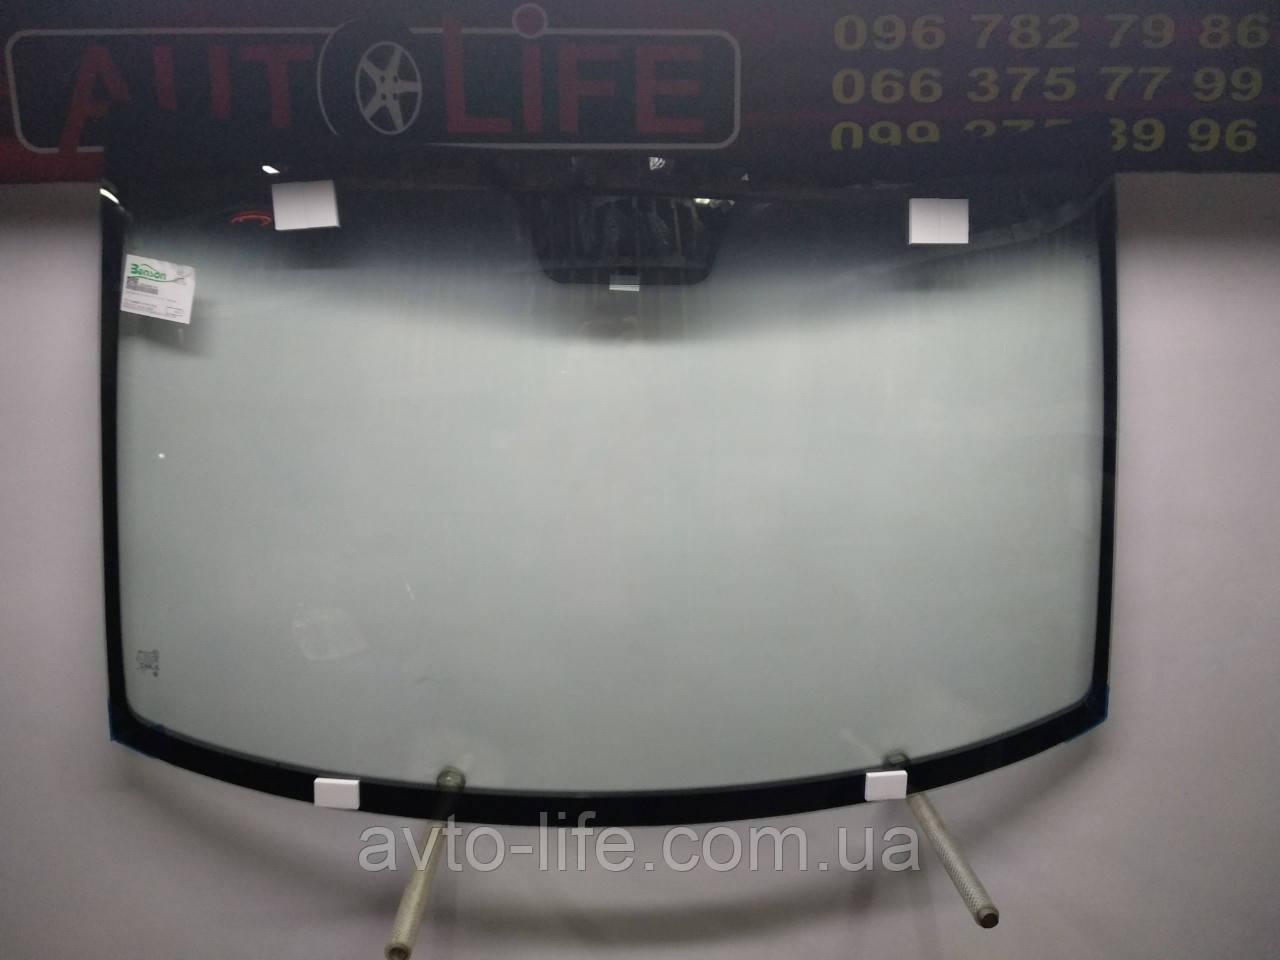 Лобовое стекло Mercedes Vito/Viano 639 | Автостекло на Mercedes Vito/Viano 639 | Лобове скло на Мерседес Вито